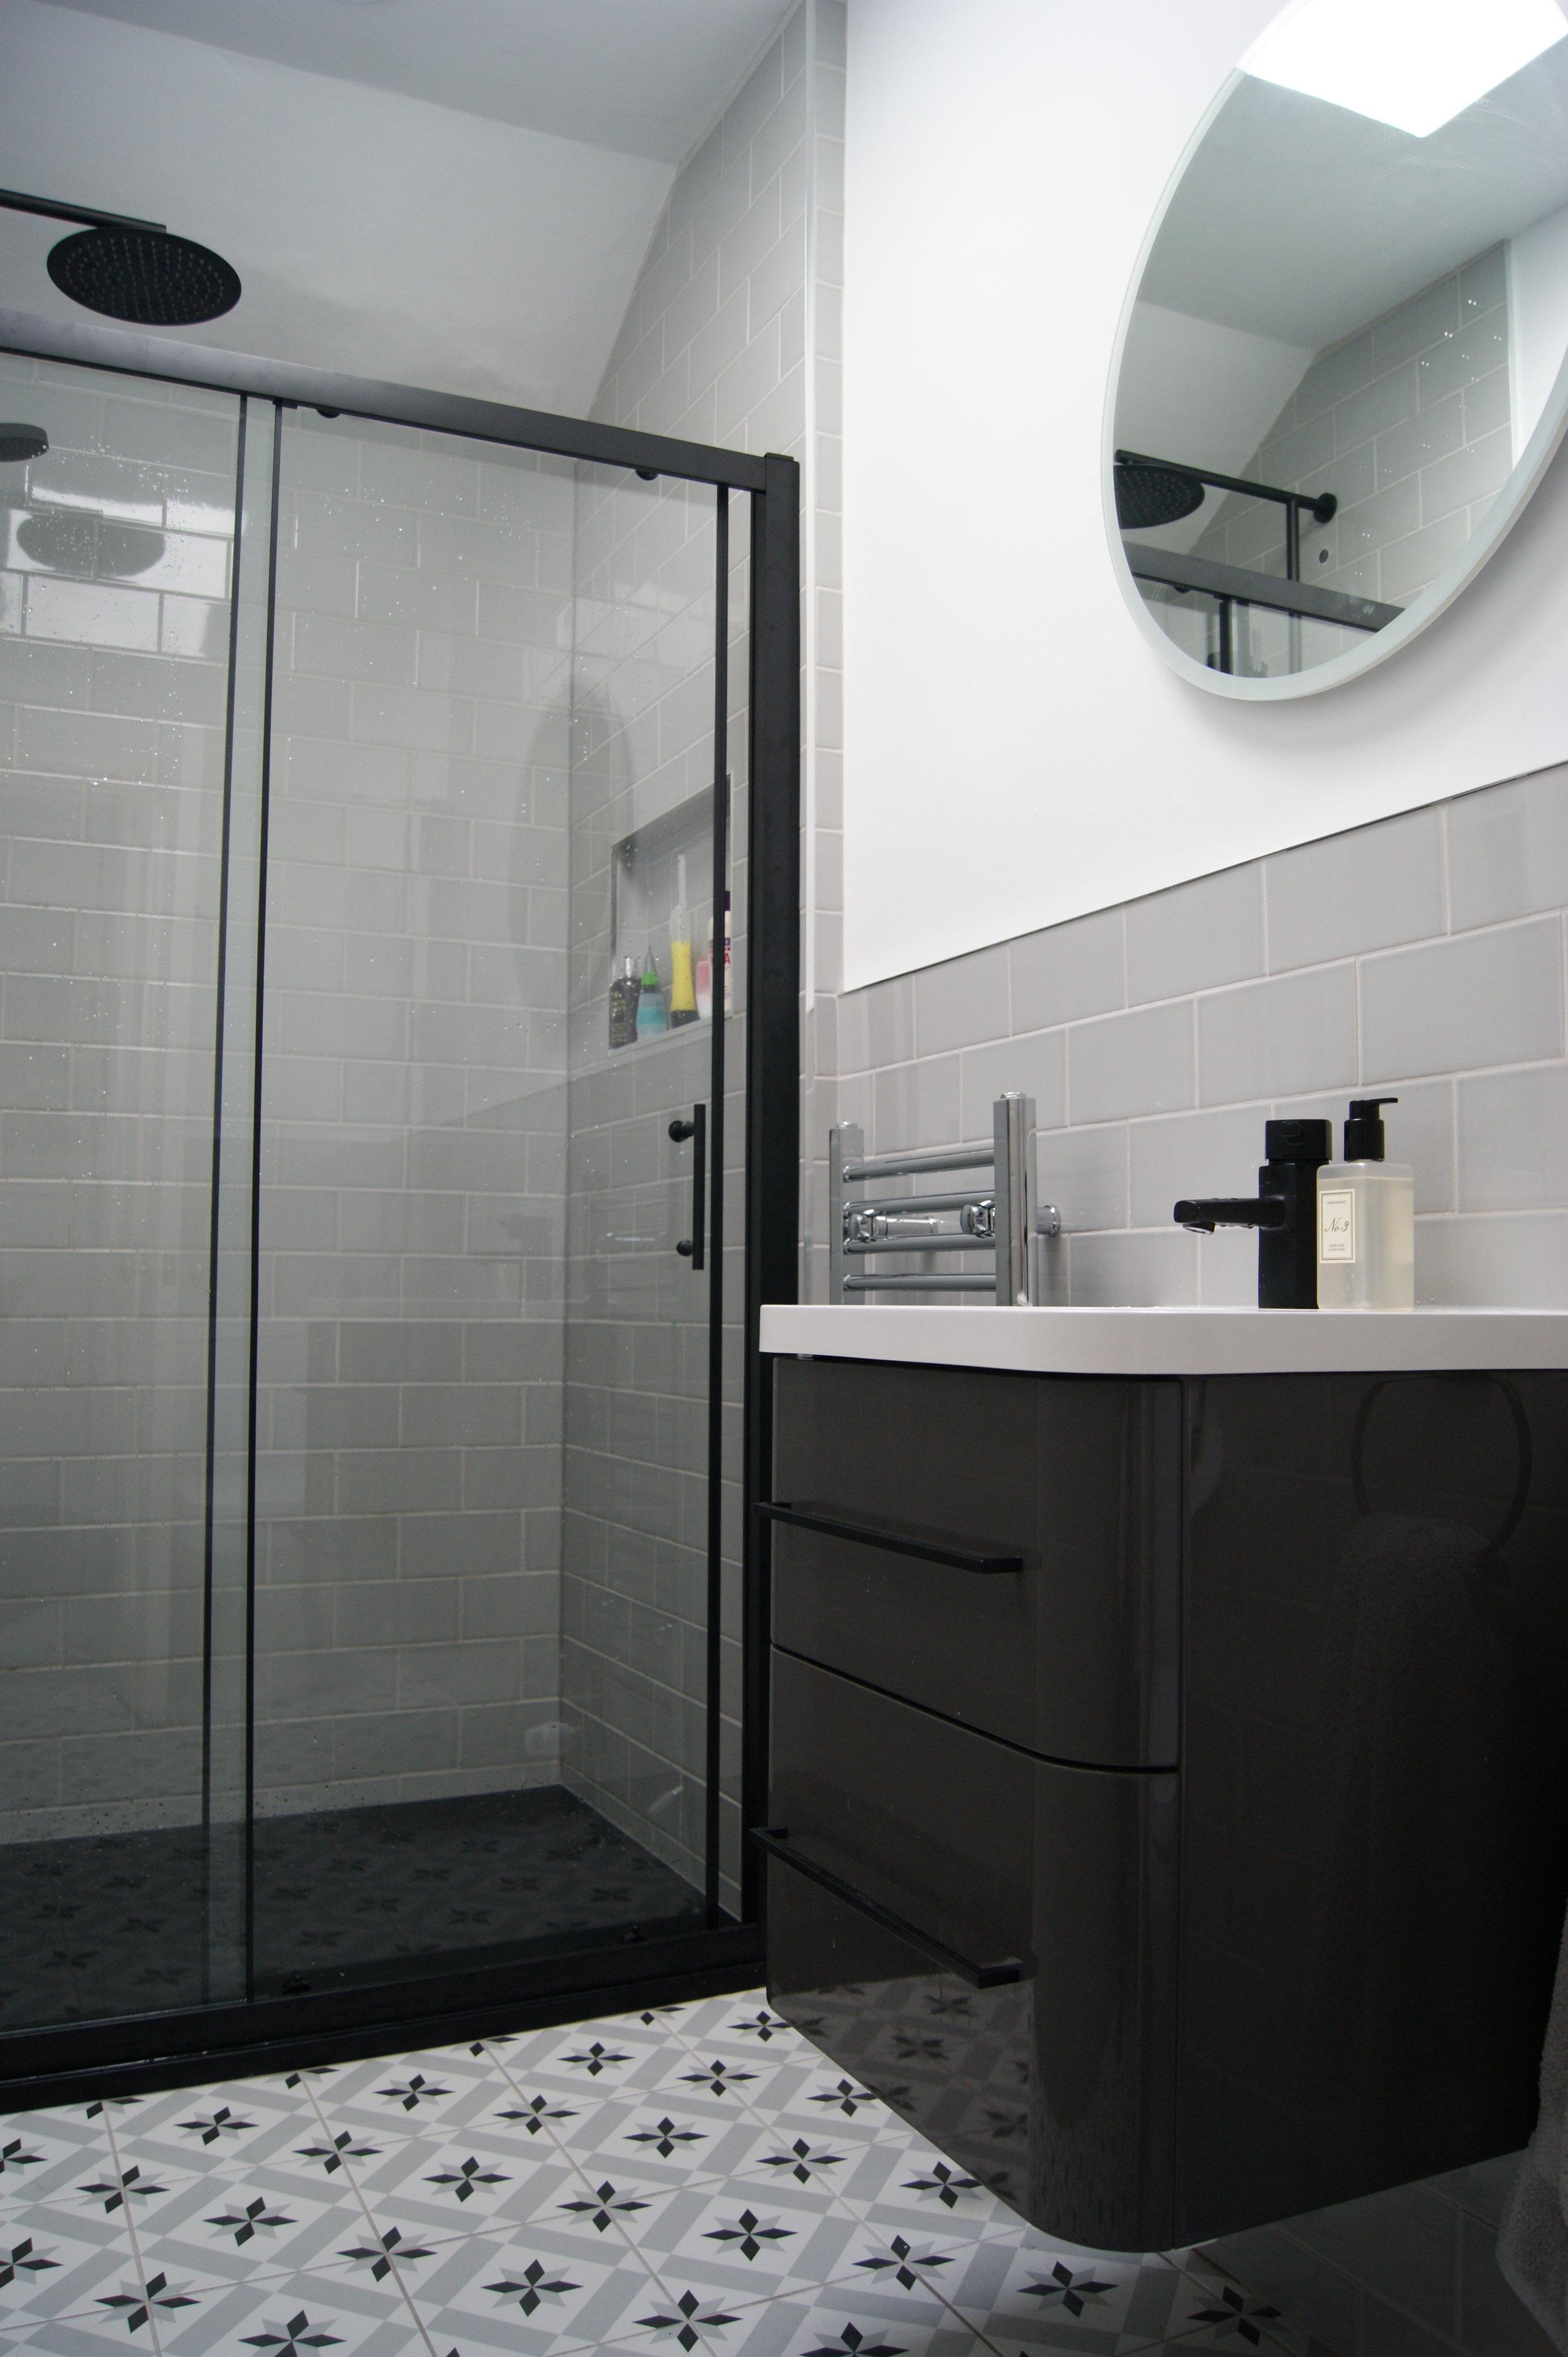 Dublin 6 shower room 2